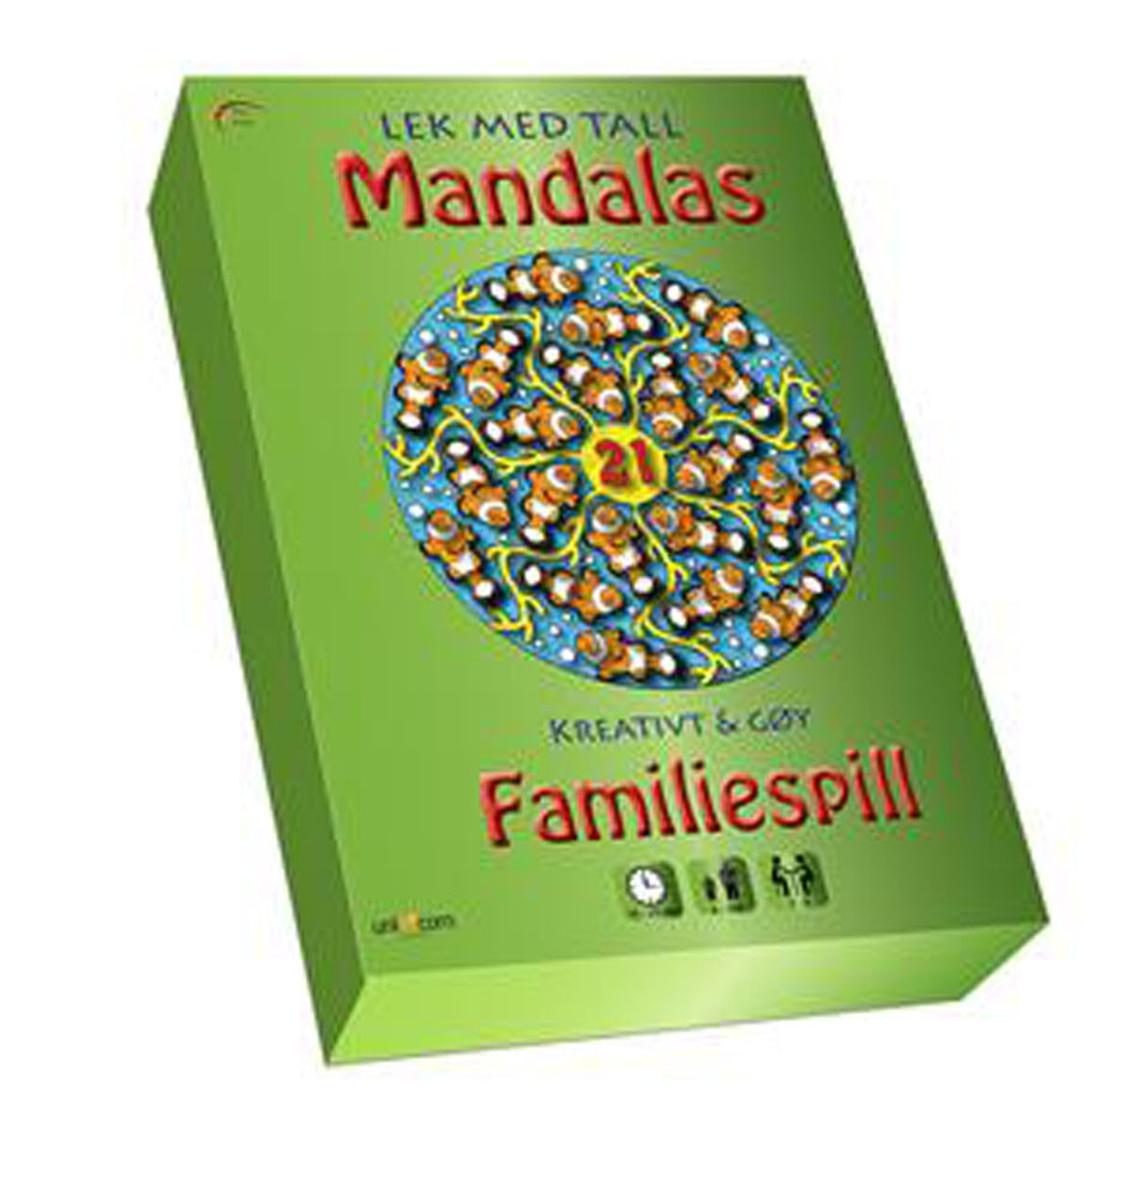 Mandalas familiespill - Lek med tall/bokstaver'